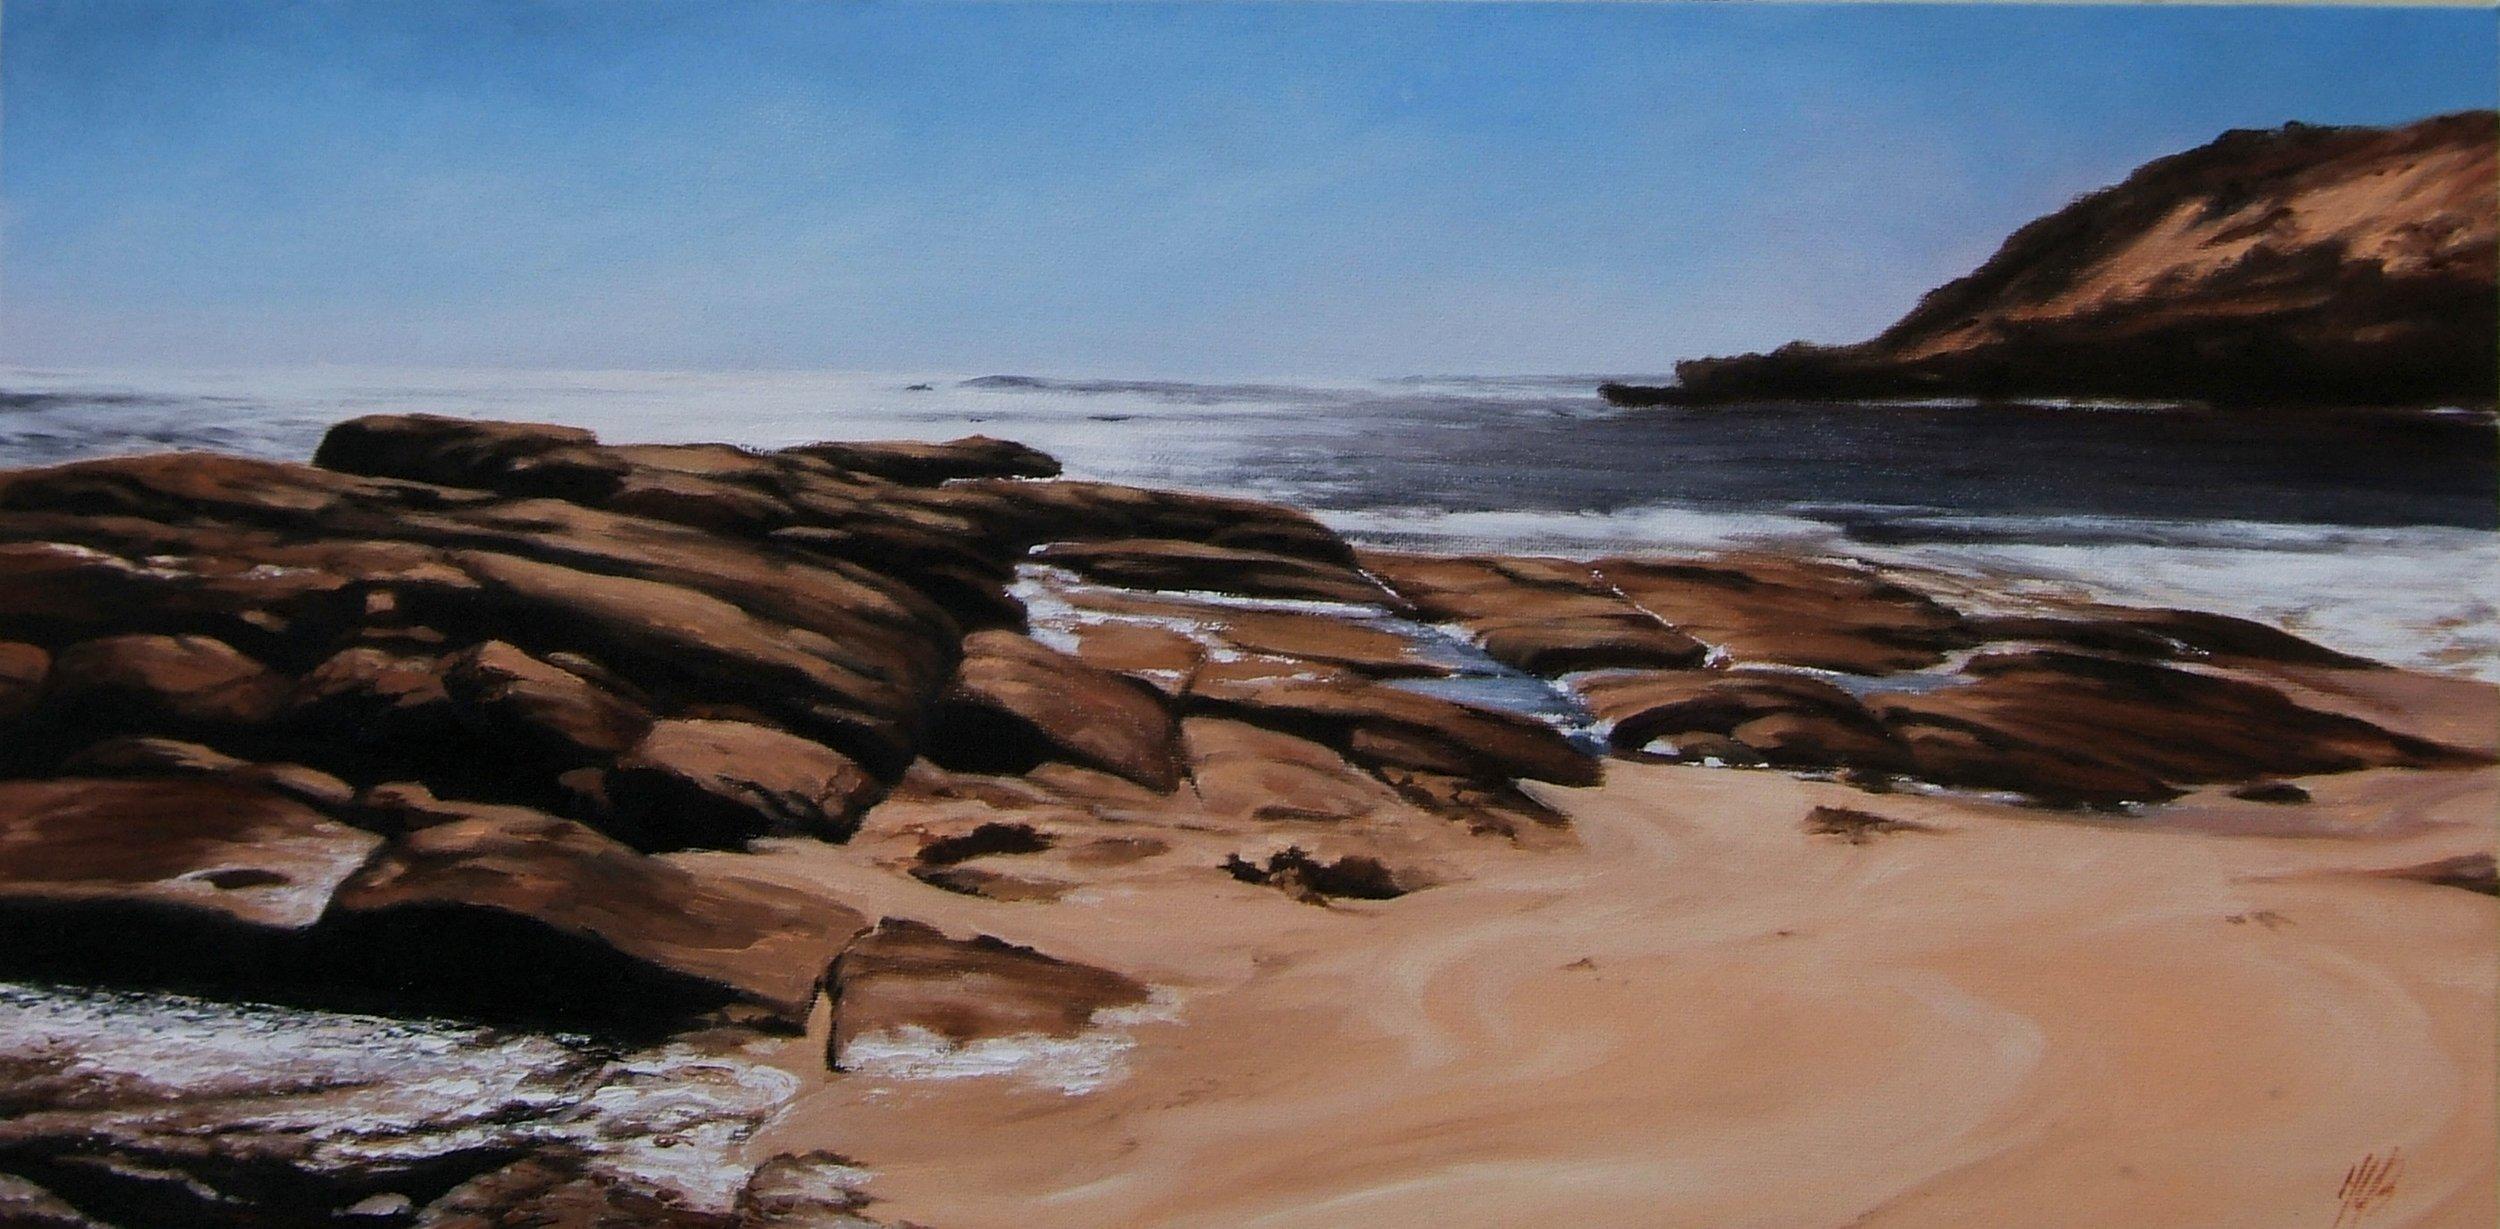 Prevelly Beach (Margaret River), Oil, Framed, 71 x 41cm,  $750